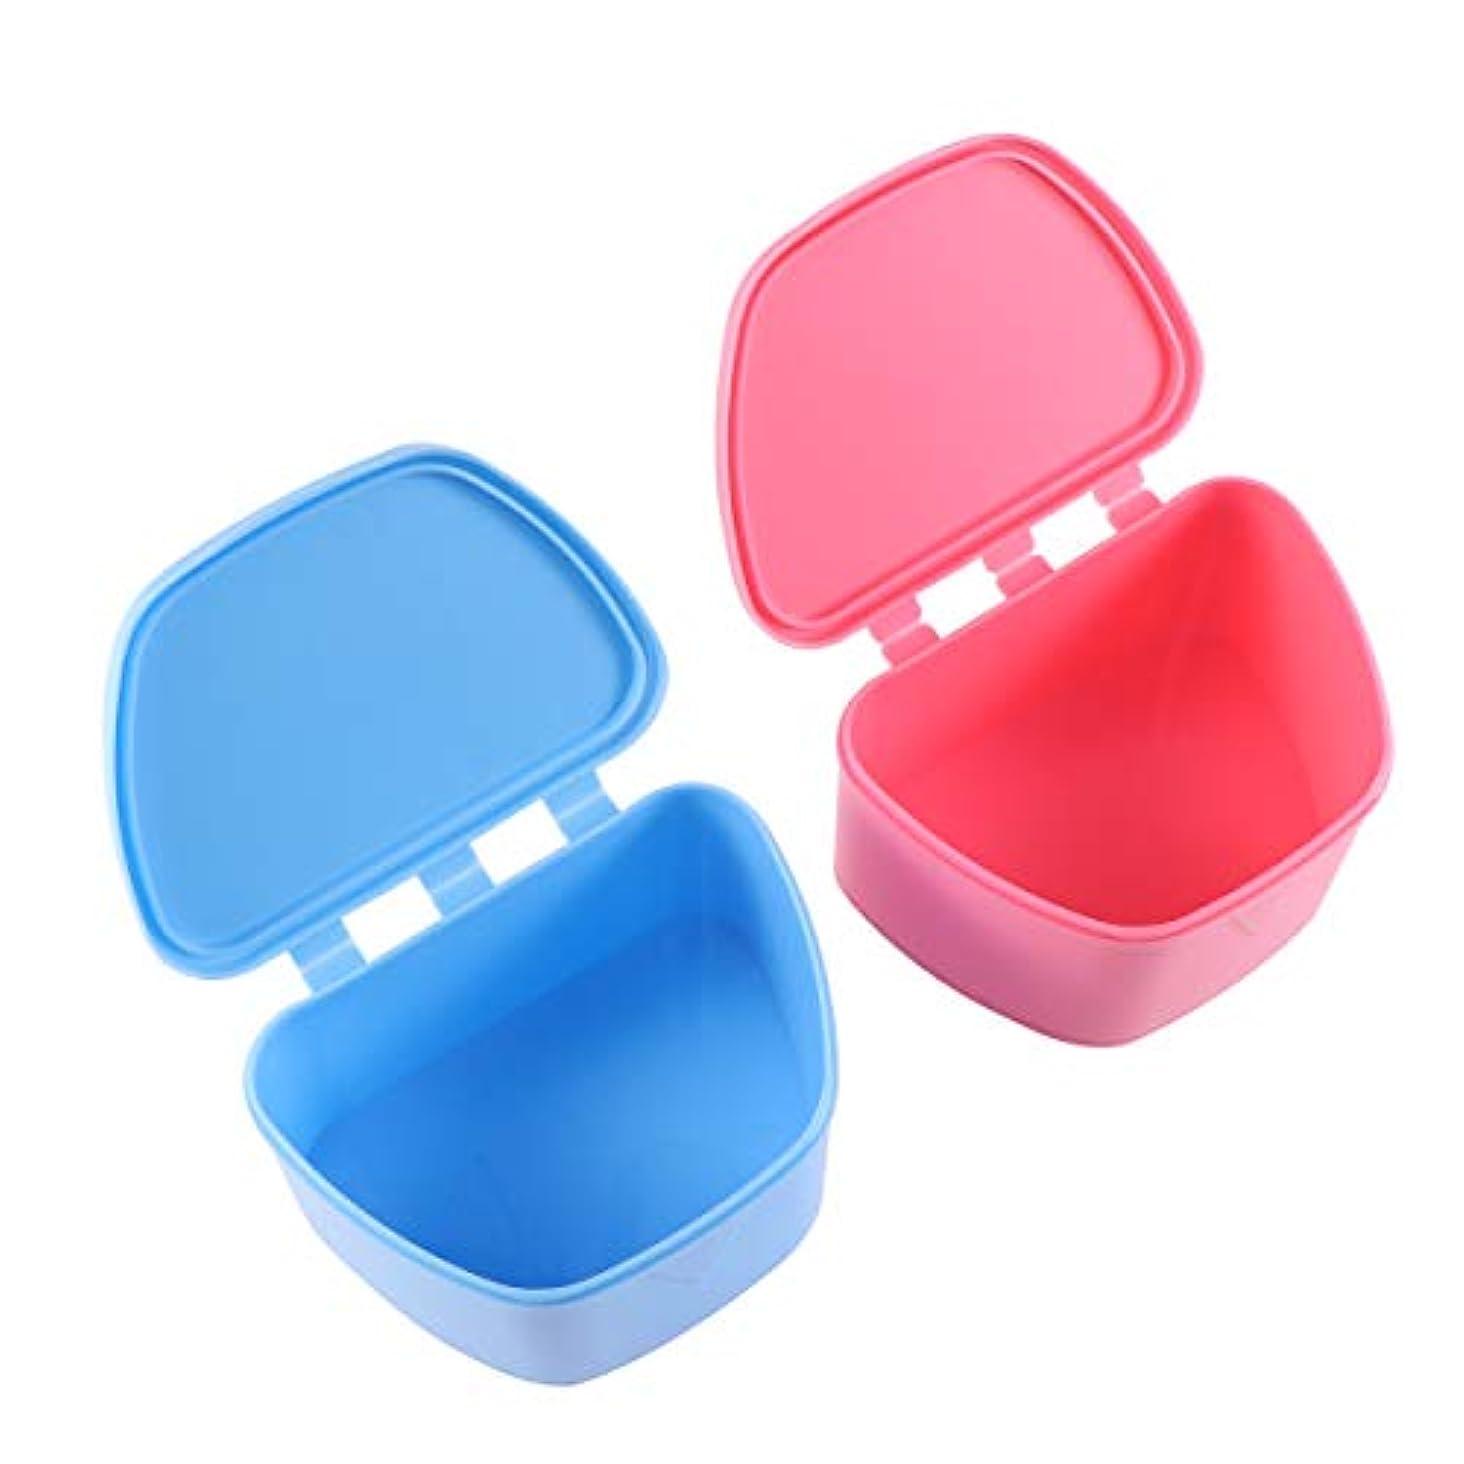 クラック敷居重くするHealifty 歯科ケース義歯収納ボックス矯正歯科ボックス2個(青とロージー)